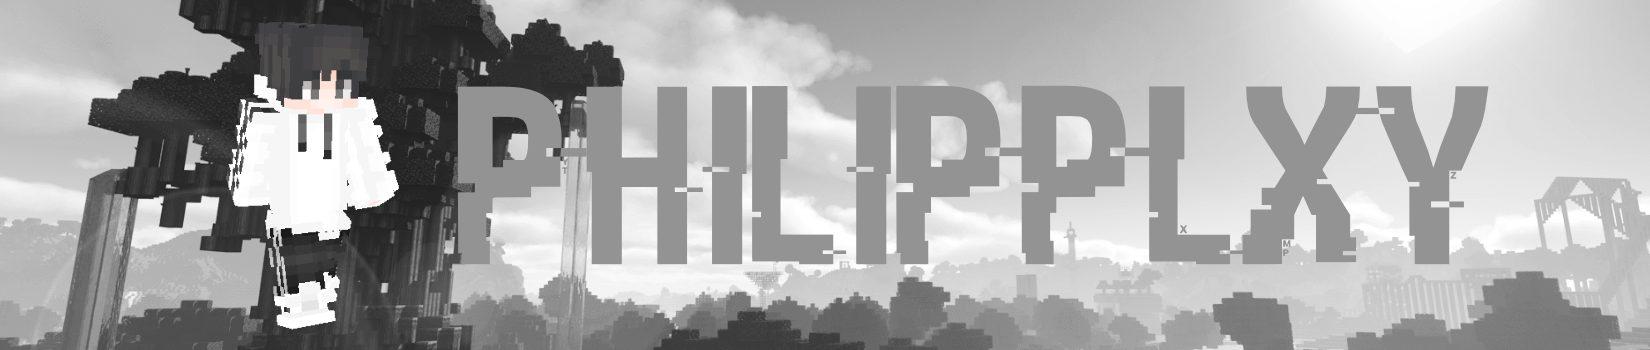 philipp_lxy